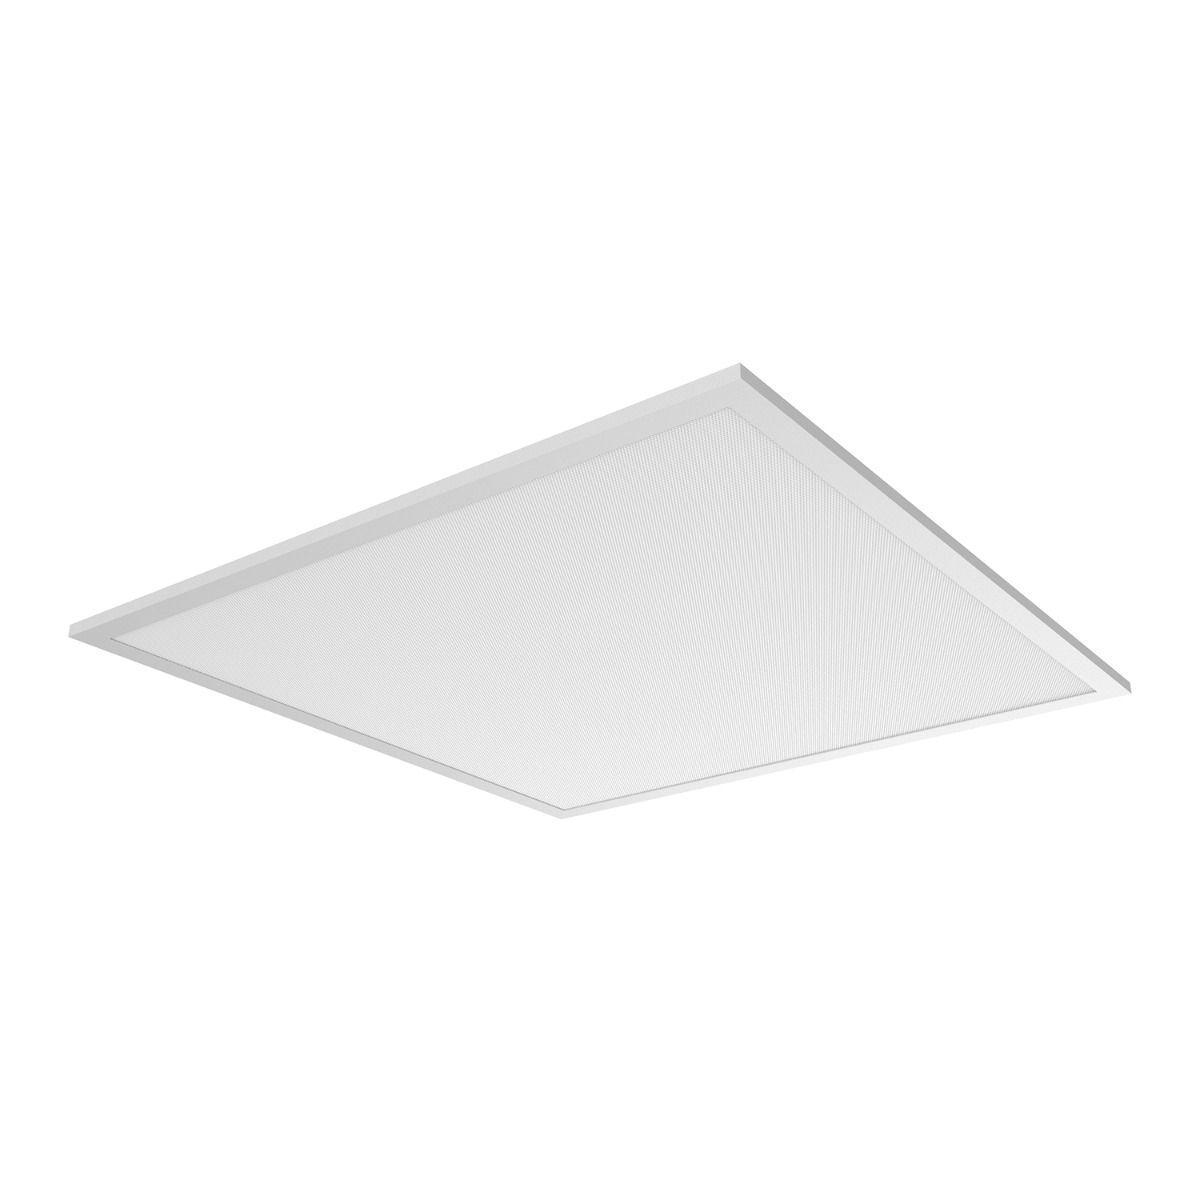 Noxion LED Paneel Delta Pro V3 Highlum 36W 3000K 5225lm 60x60cm UGR <19 | Vervanger voor 4x18W